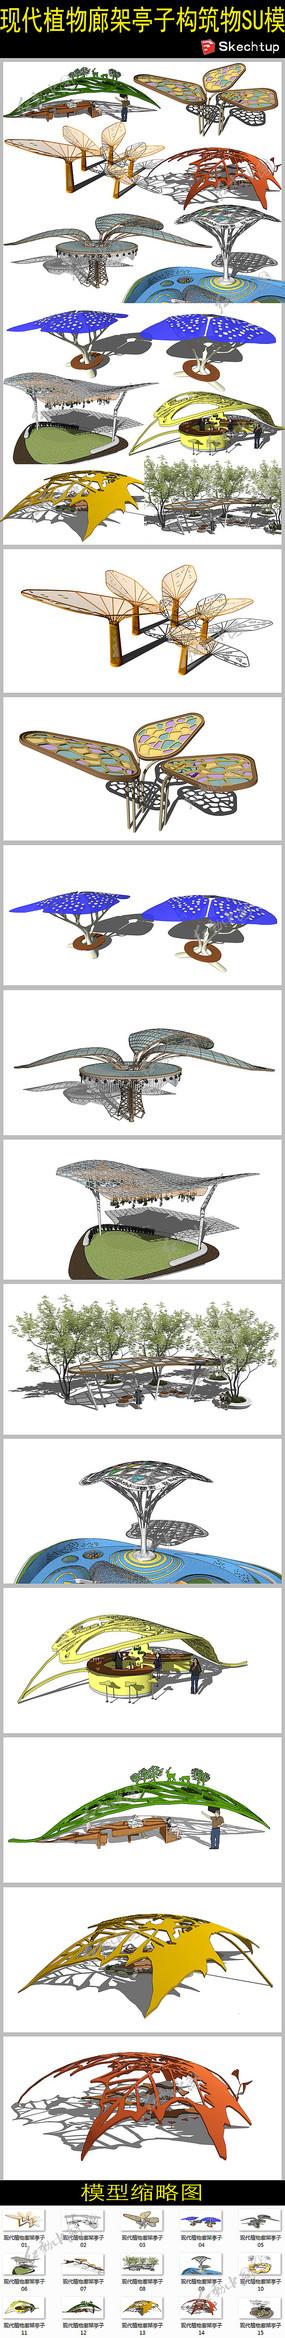 现代植物廊架亭子构筑物SU模型